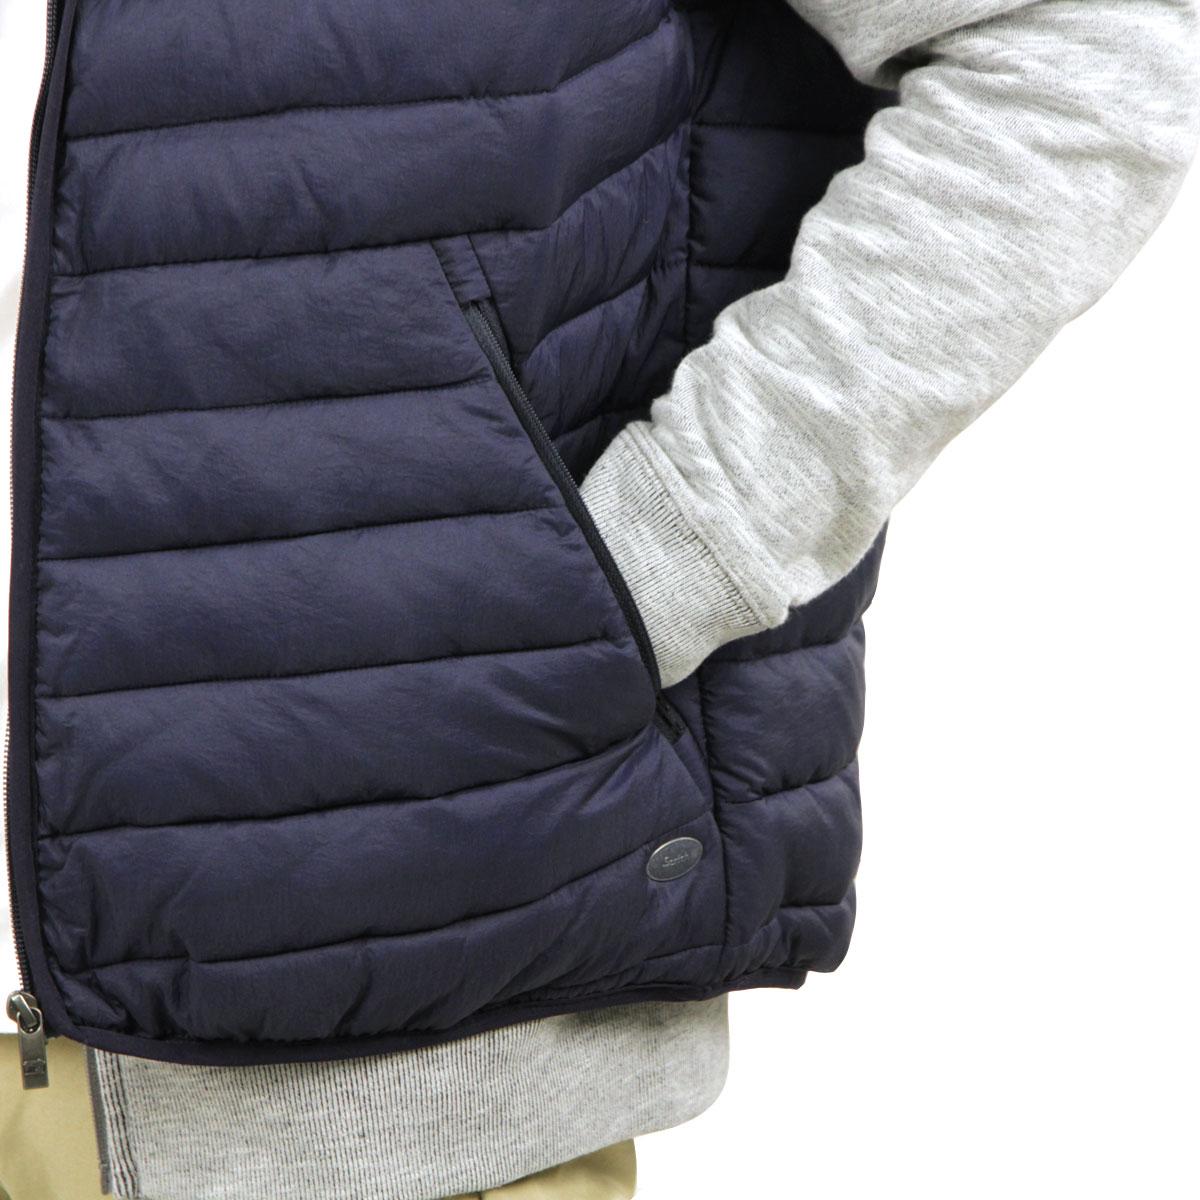 スコッチアンドソーダ SCOTCH&SODA 正規販売店 メンズ アウターベスト Hooded bodywarmer. 132159 57